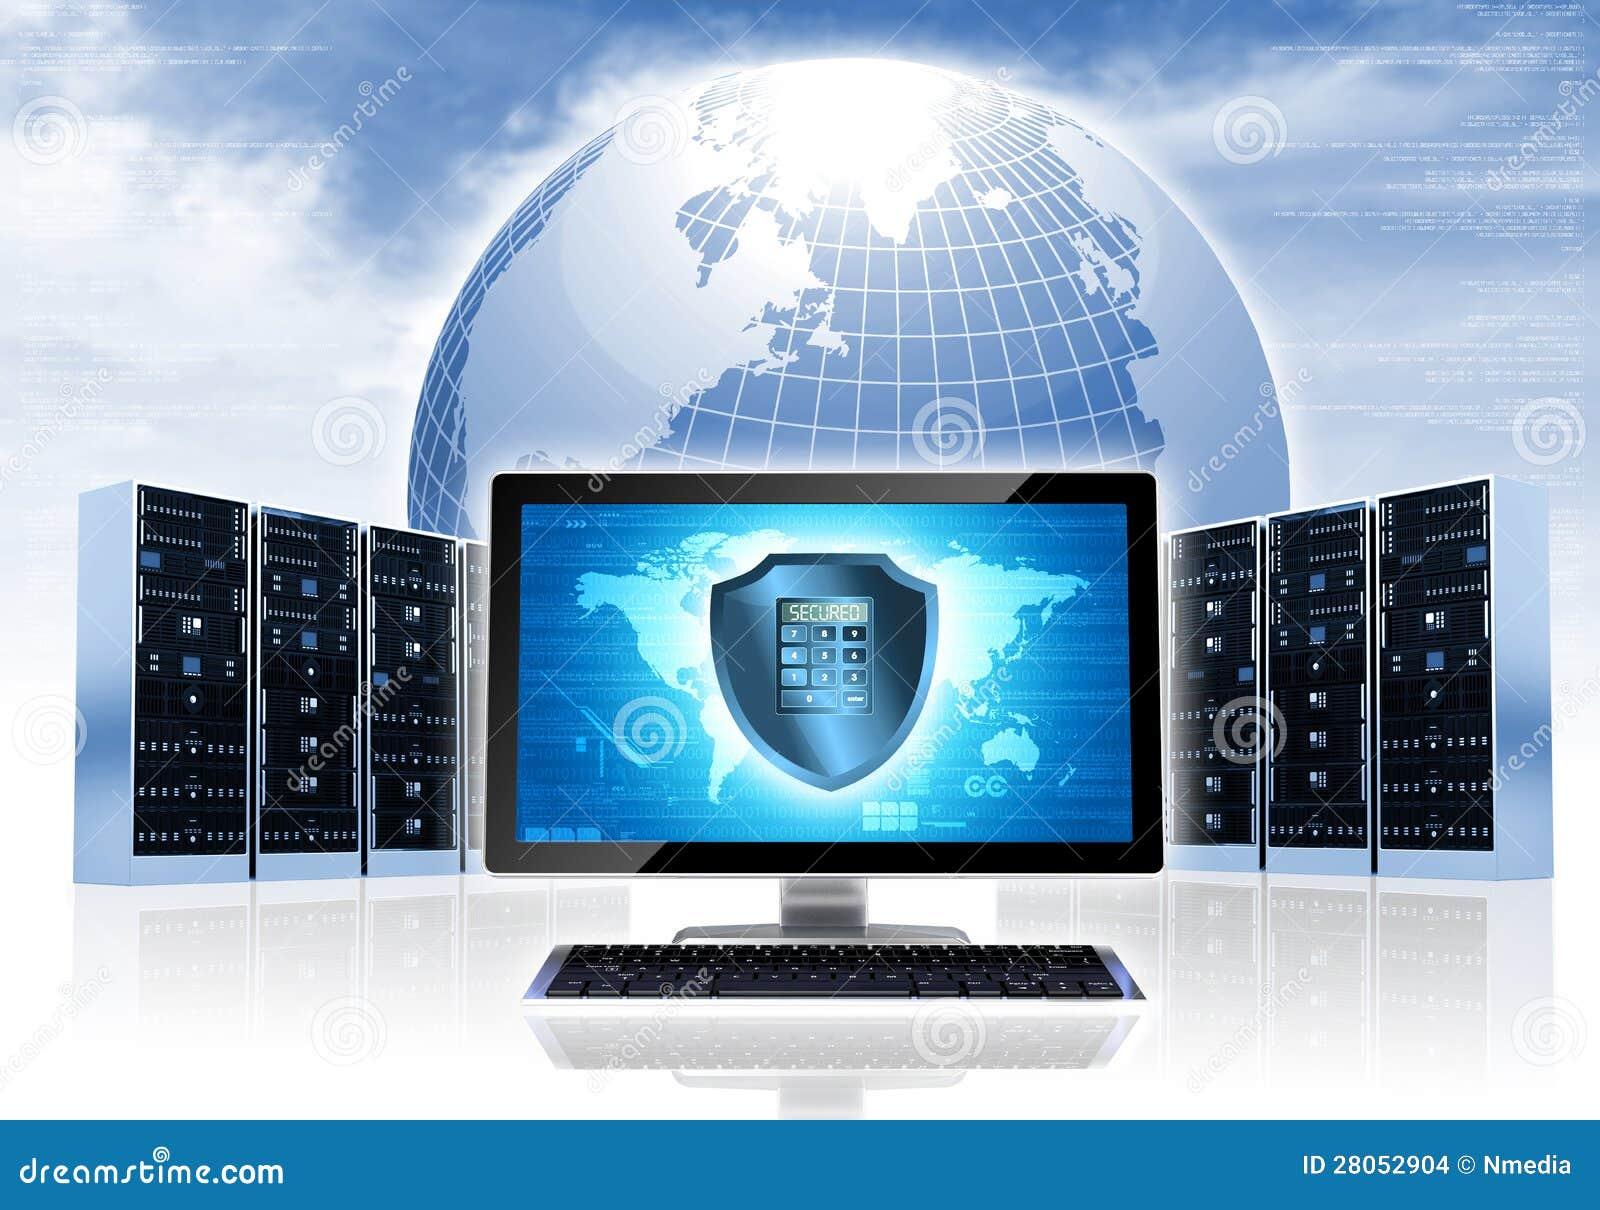 Intenet Sicherheits-Netz